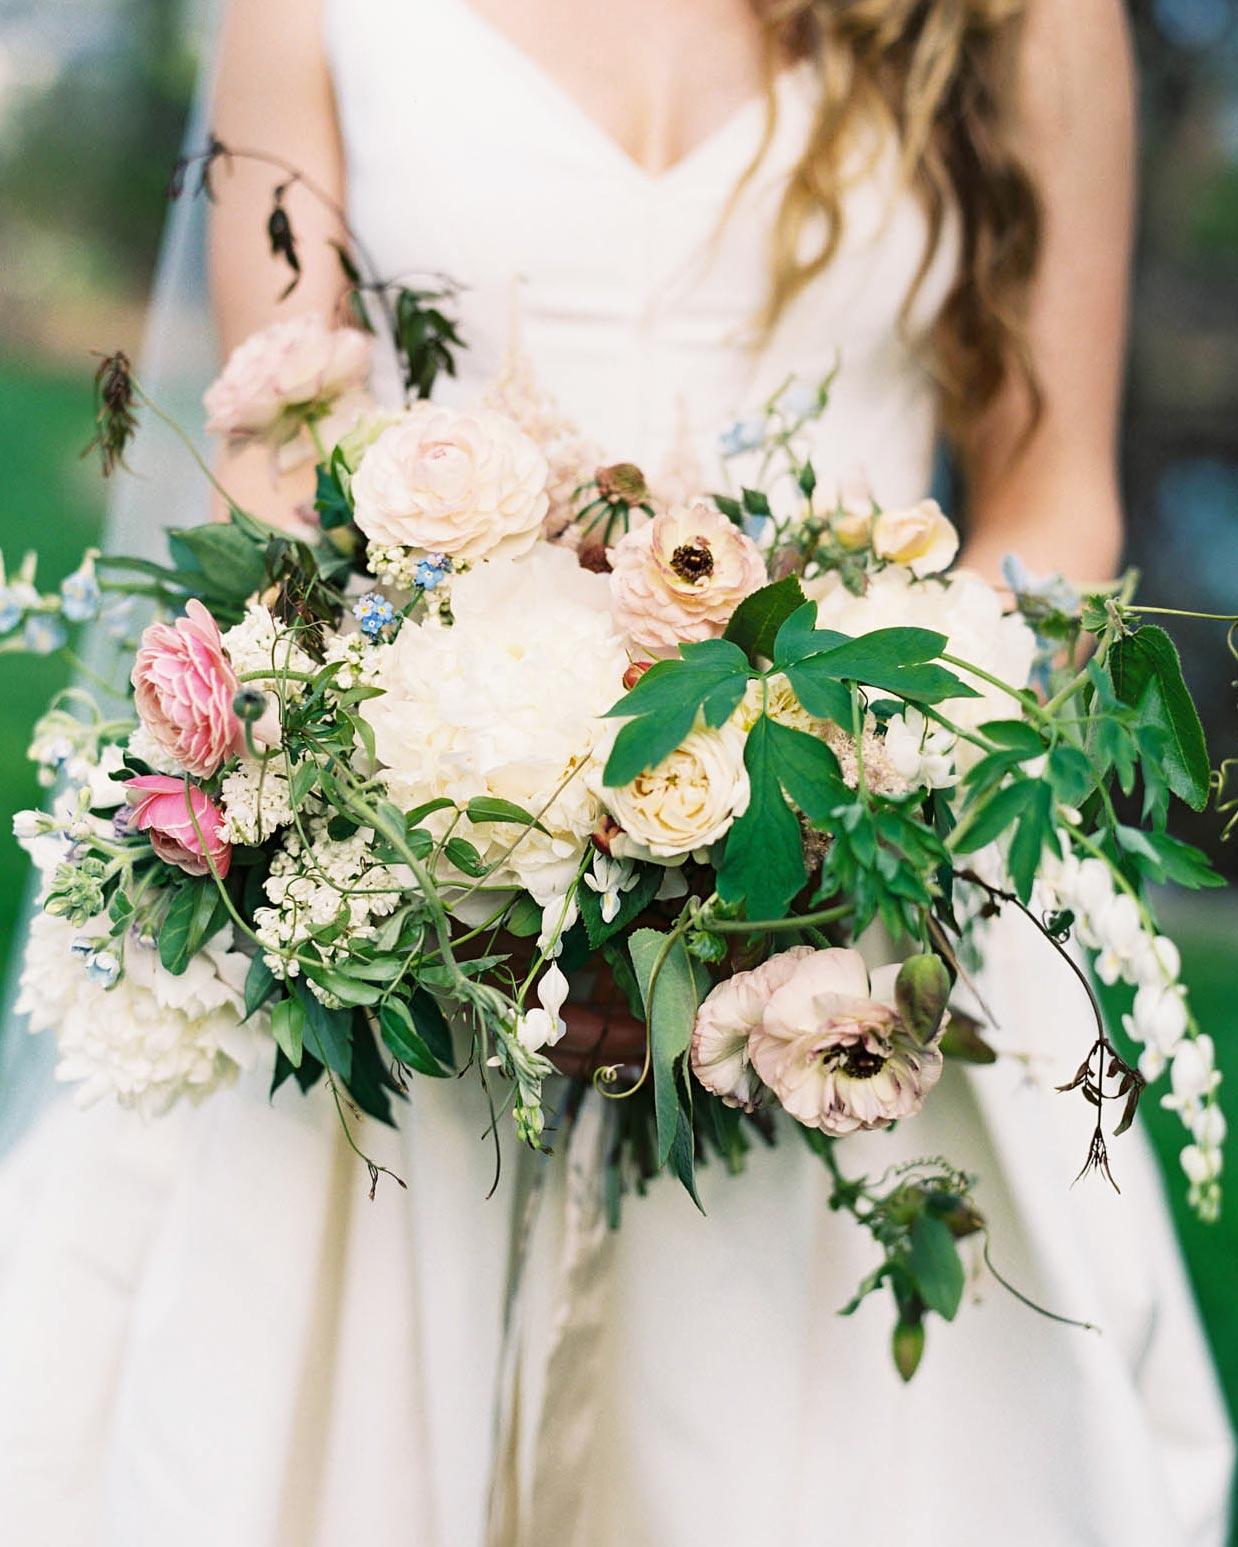 nikki-kiff-wedding-bouquet-004771016-s112766-0316.jpg